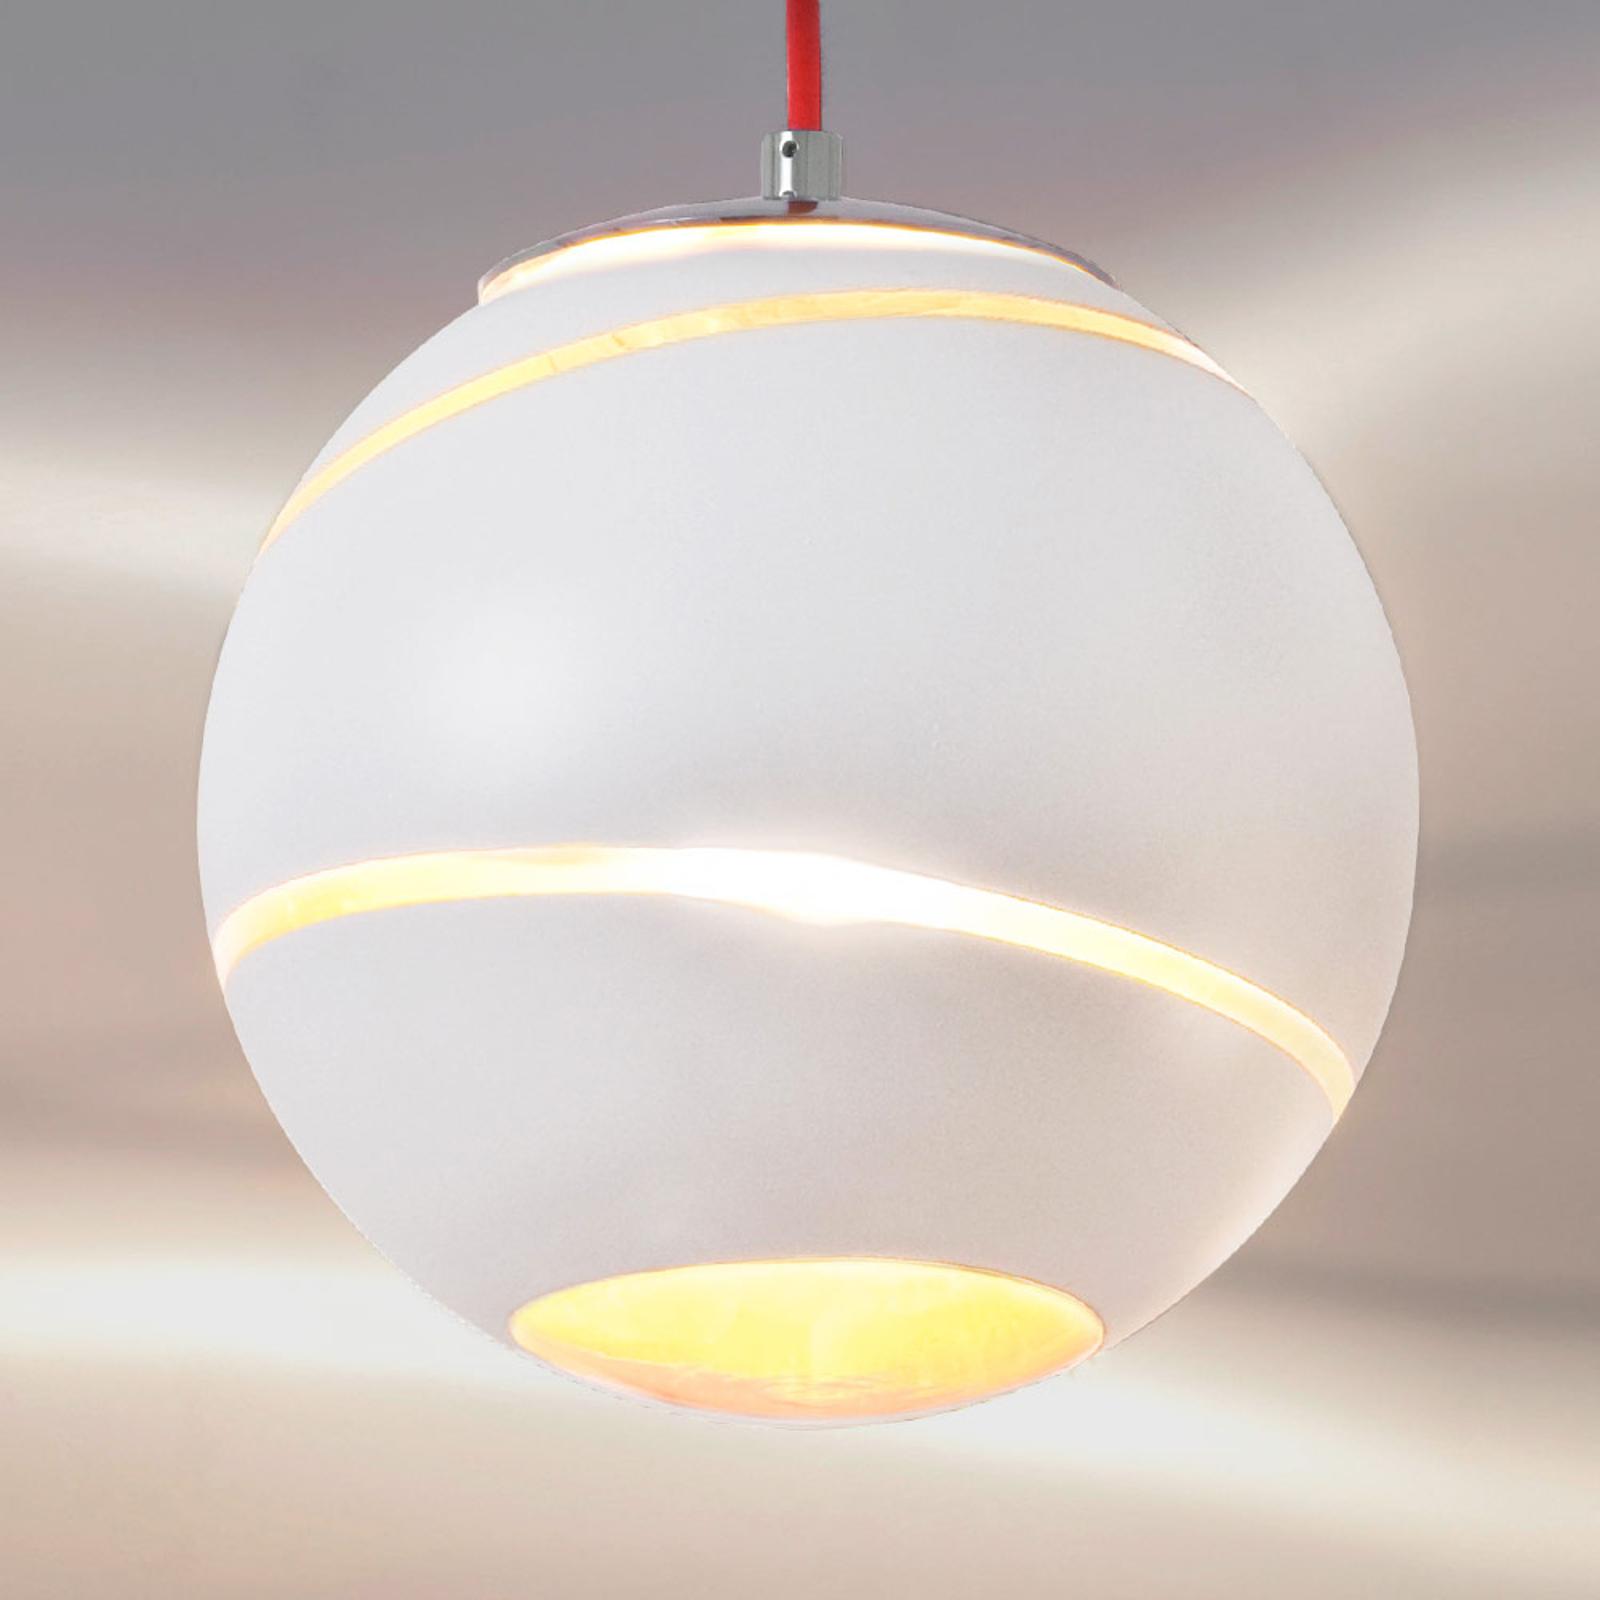 Mała lampa wisząca Bond biała 12 cm